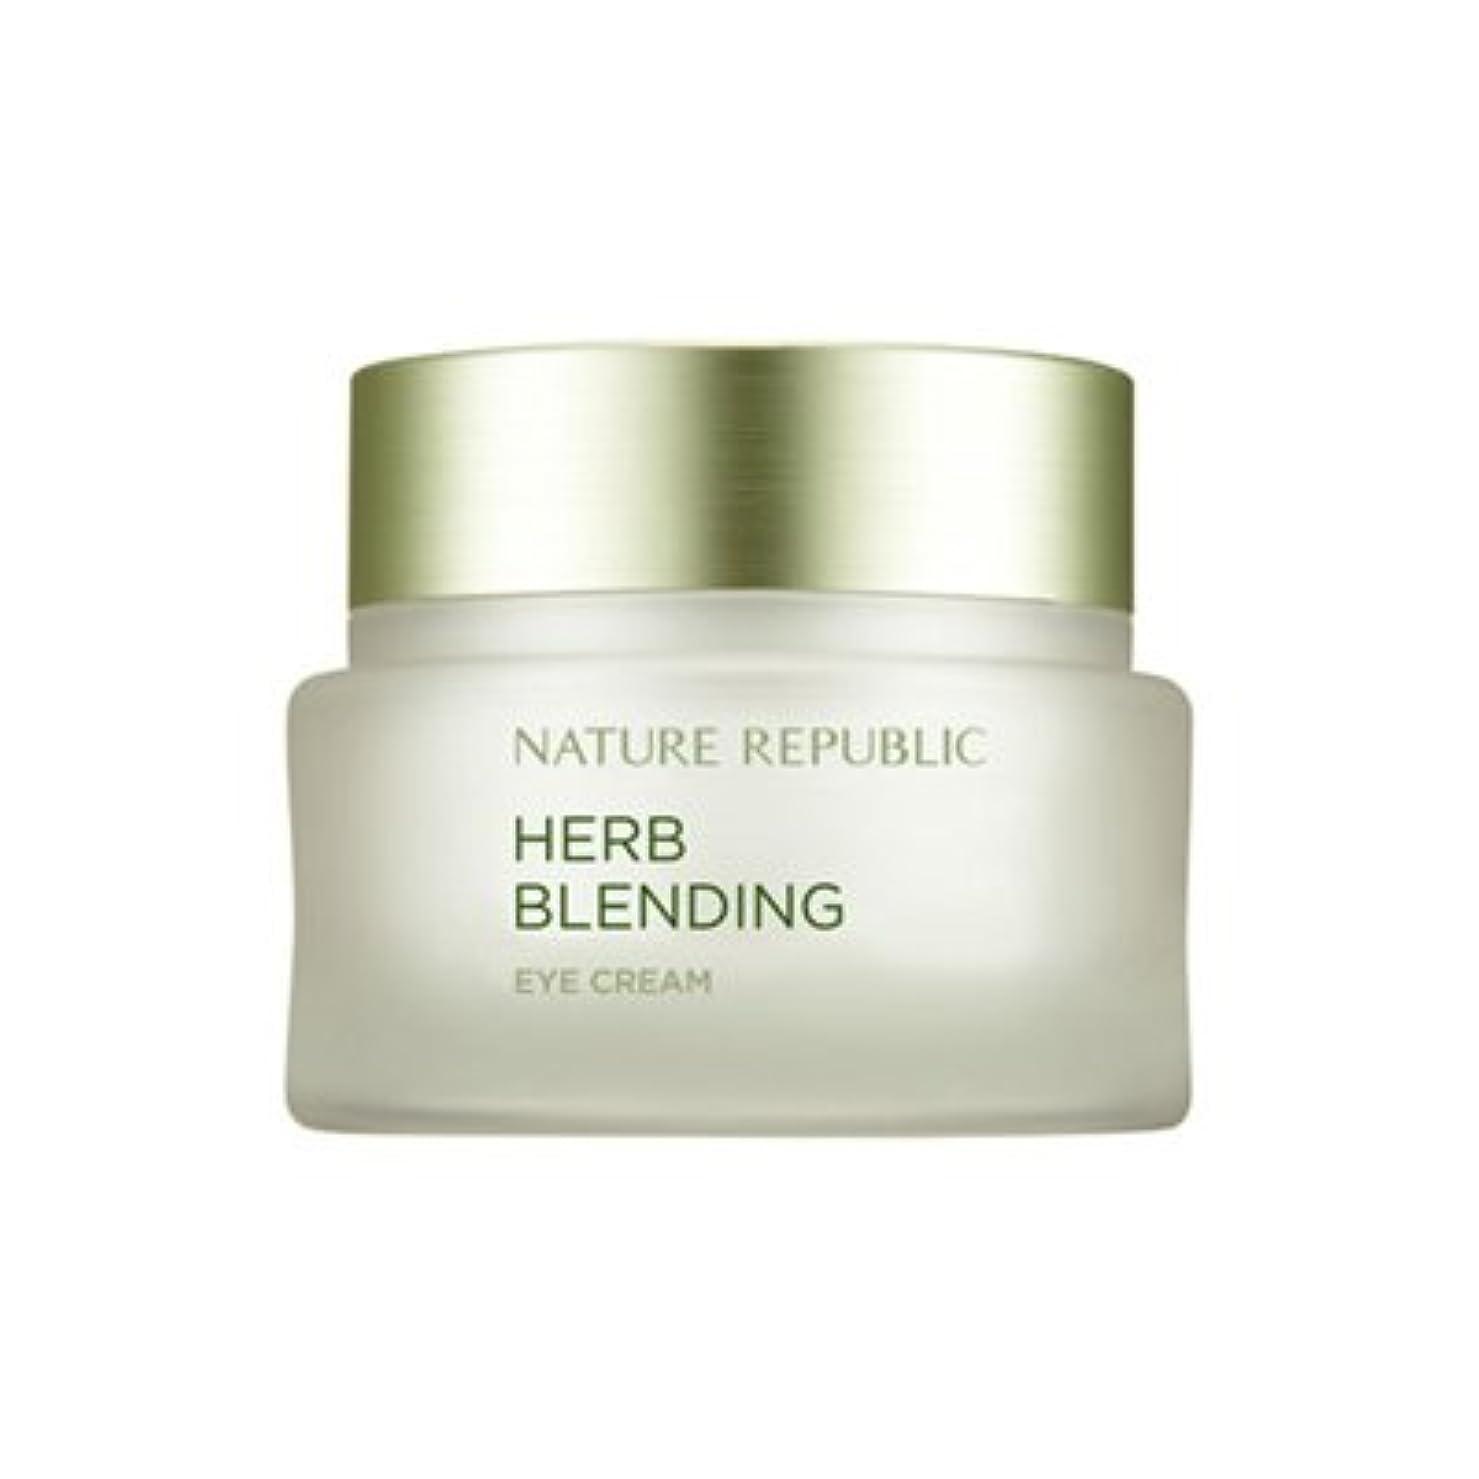 放送日記順番NATURE REPUBLIC Herb Blending Eye Cream ネイチャーリパブリック ハーブブレンドアイクリーム [並行輸入品]